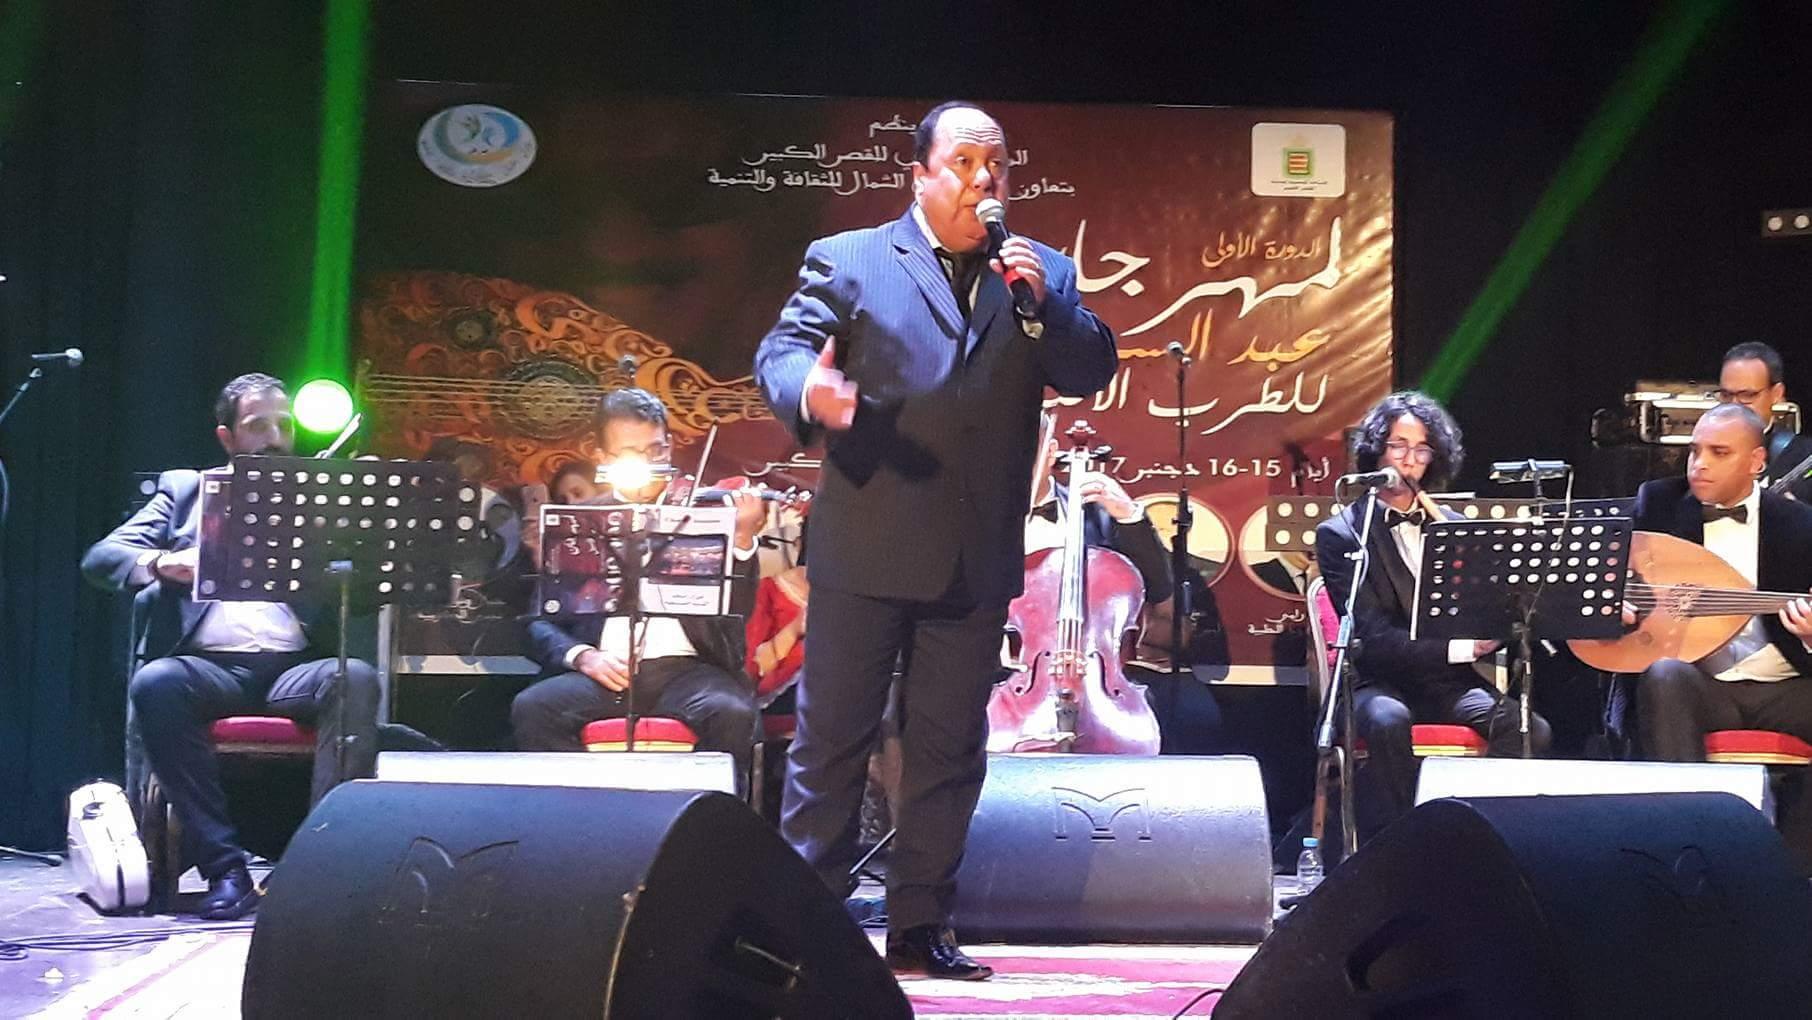 مهرجان عبد السلام عامر للطرب الاصيل يسدل الستار بفقرات طربية وترفيهية